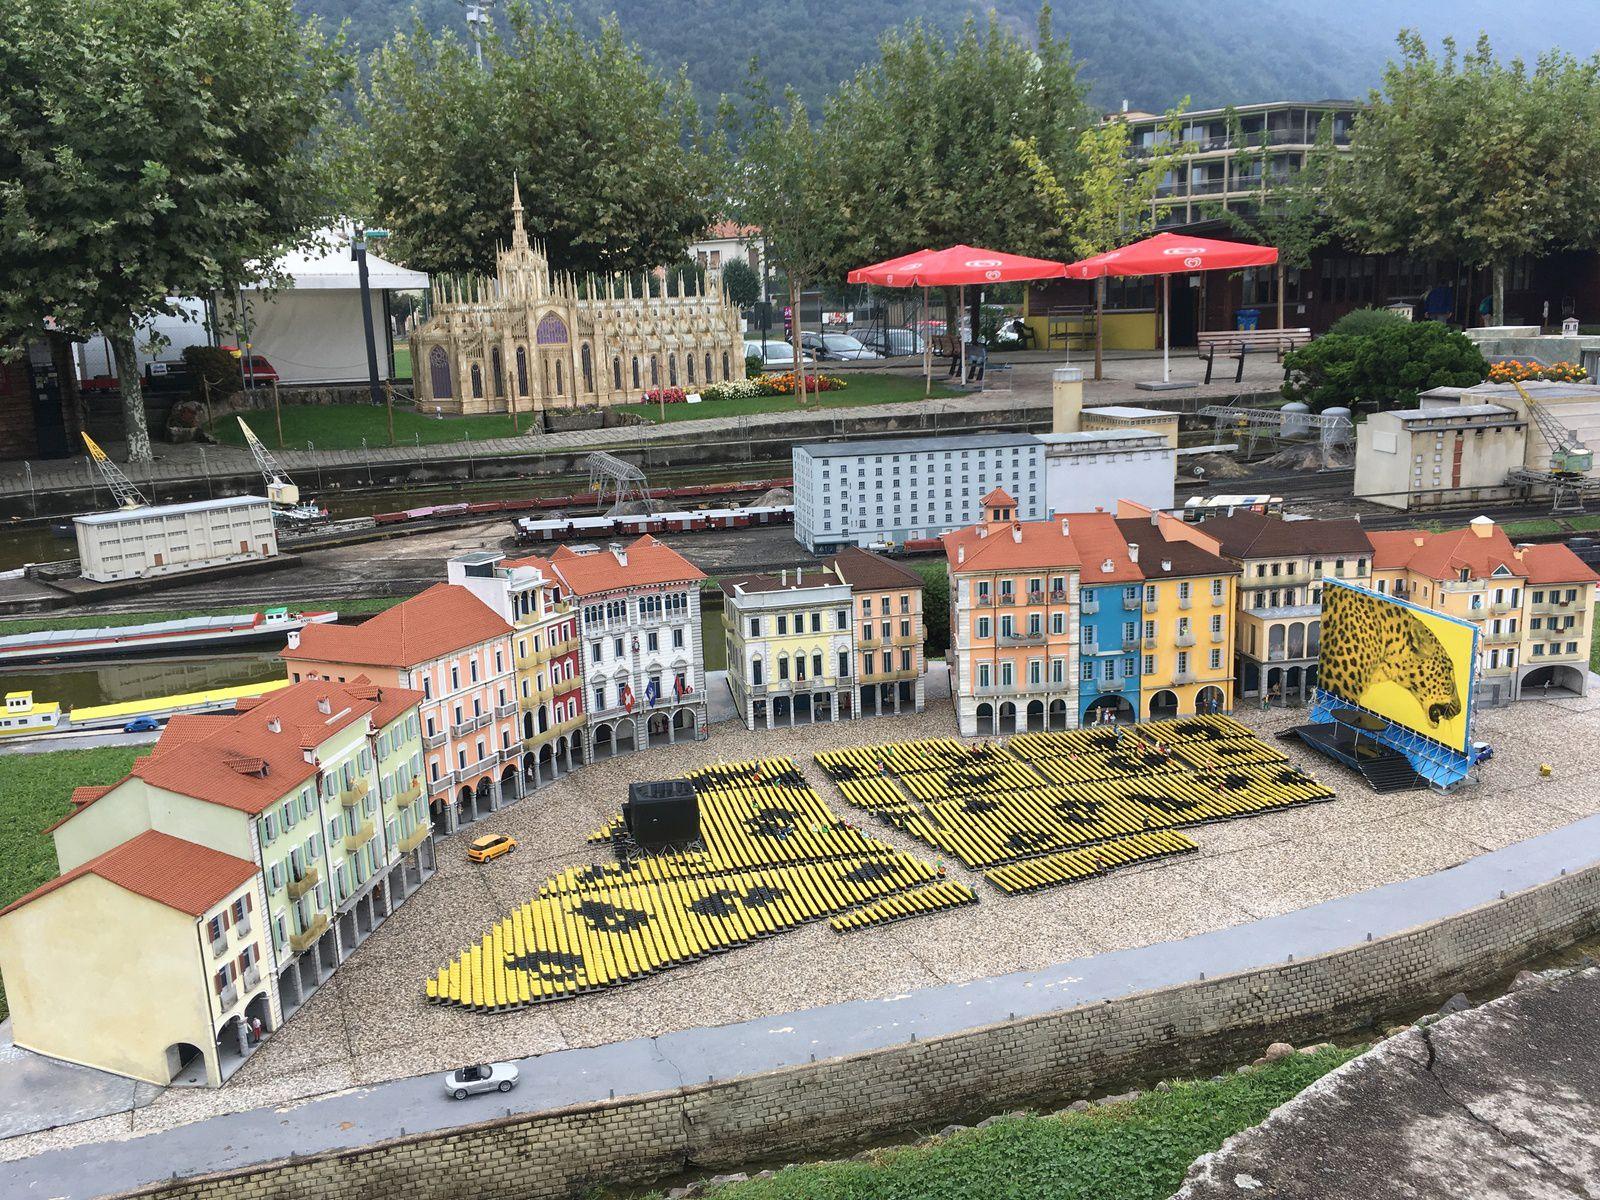 15 septembre 2021 : La Suisse en miniature / balade à Melide